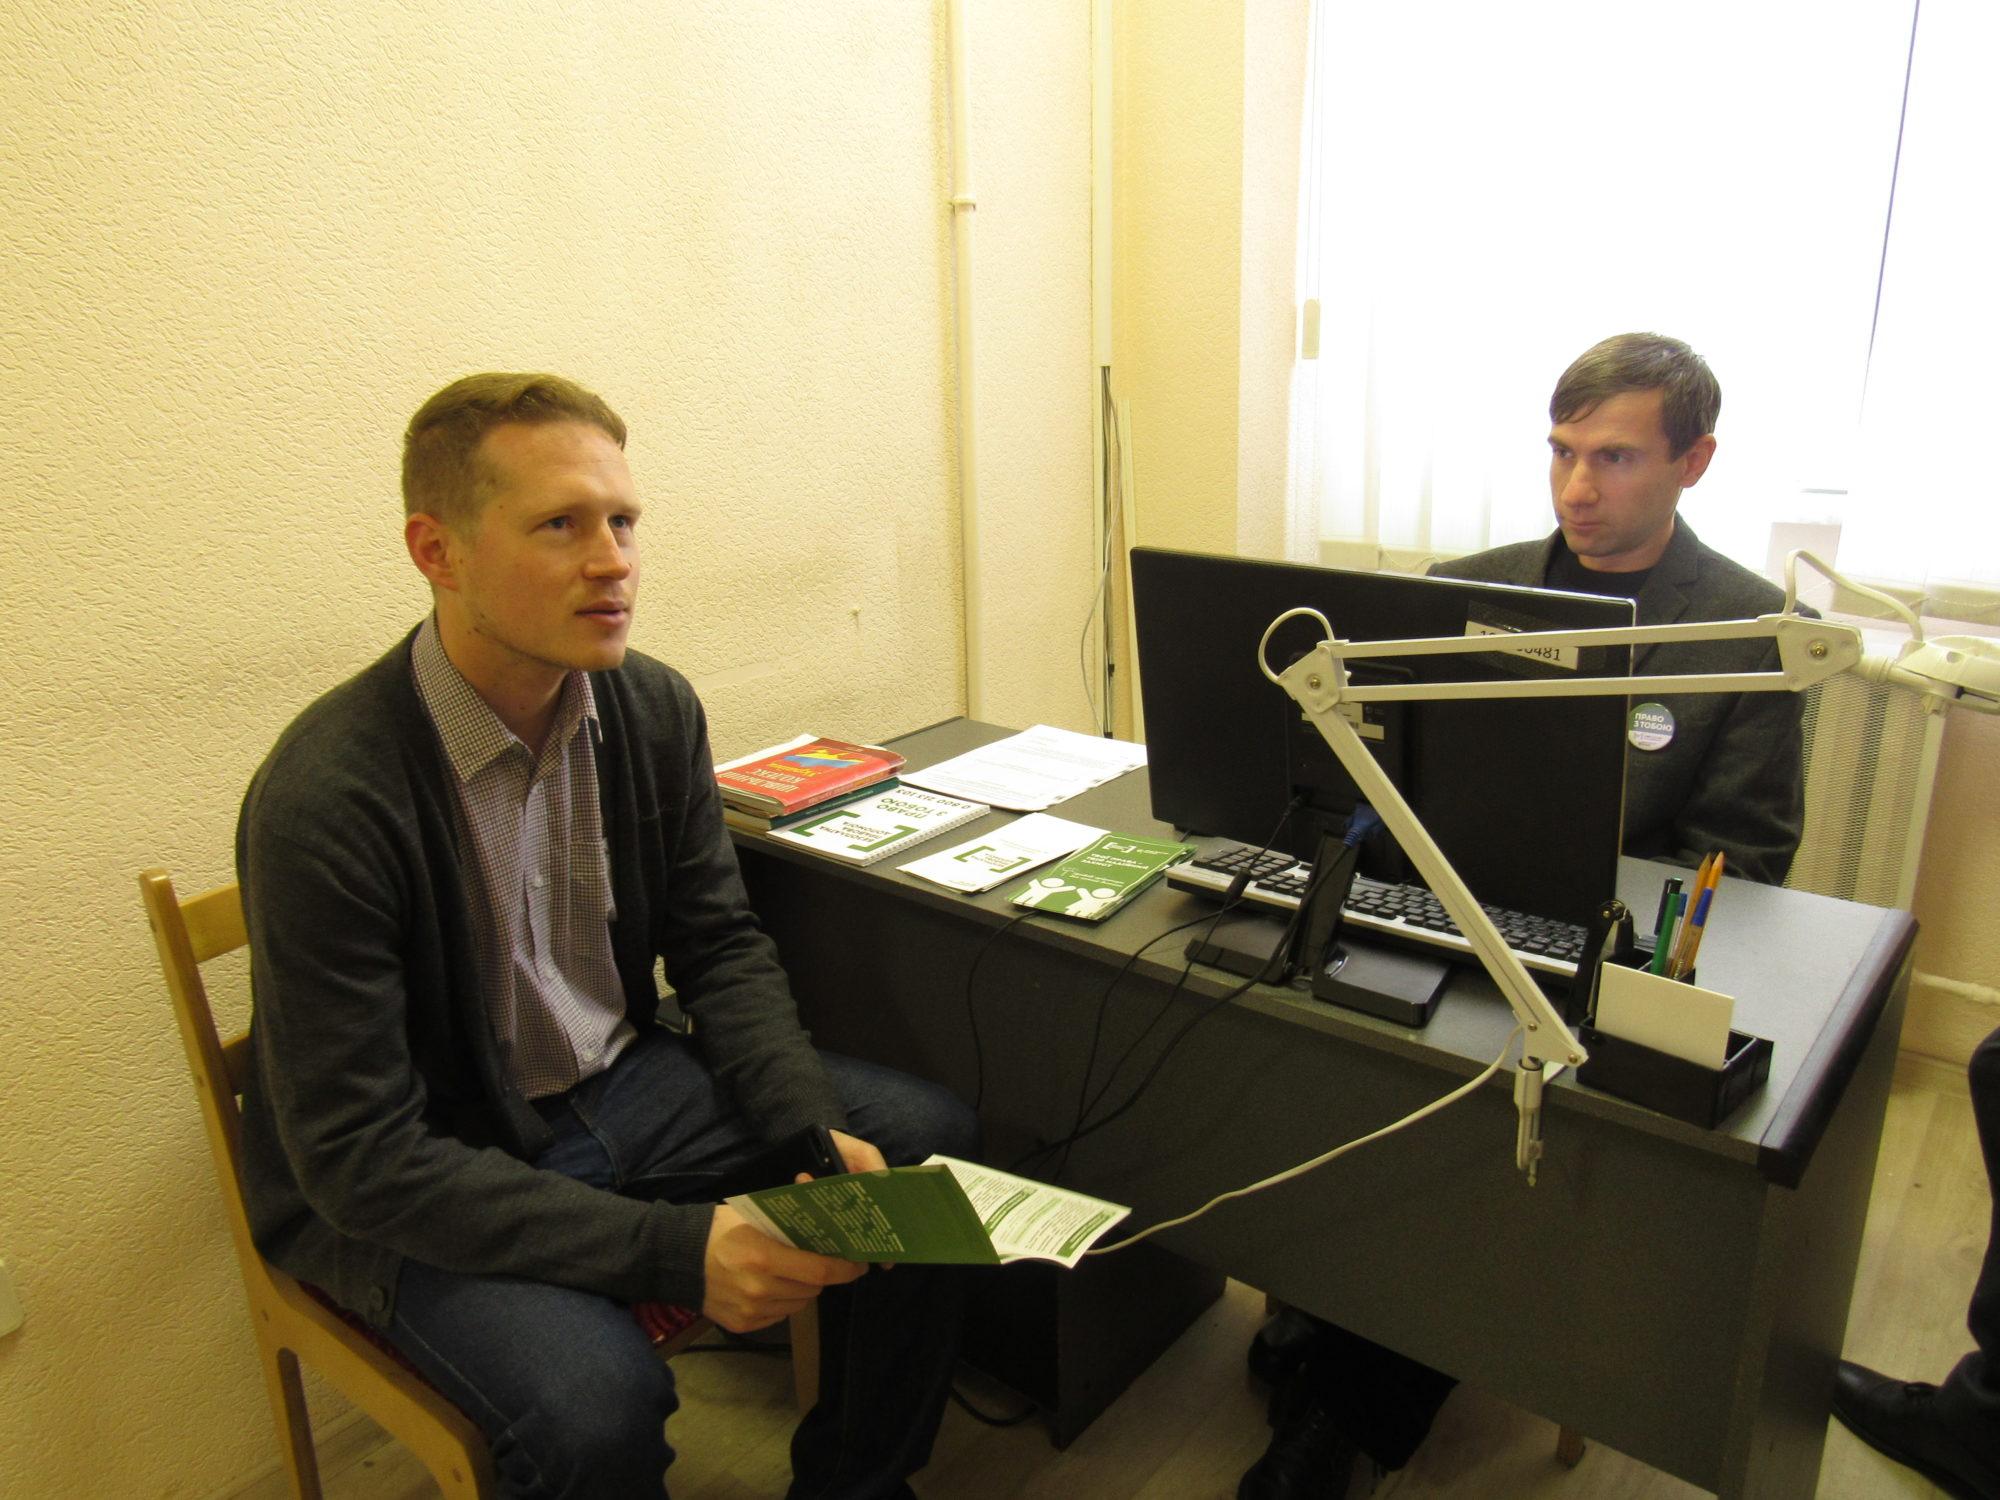 03.12.2019-byro-1-2000x1500 Захист трудових прав: у Києві відкрилося третє бюро правової допомоги